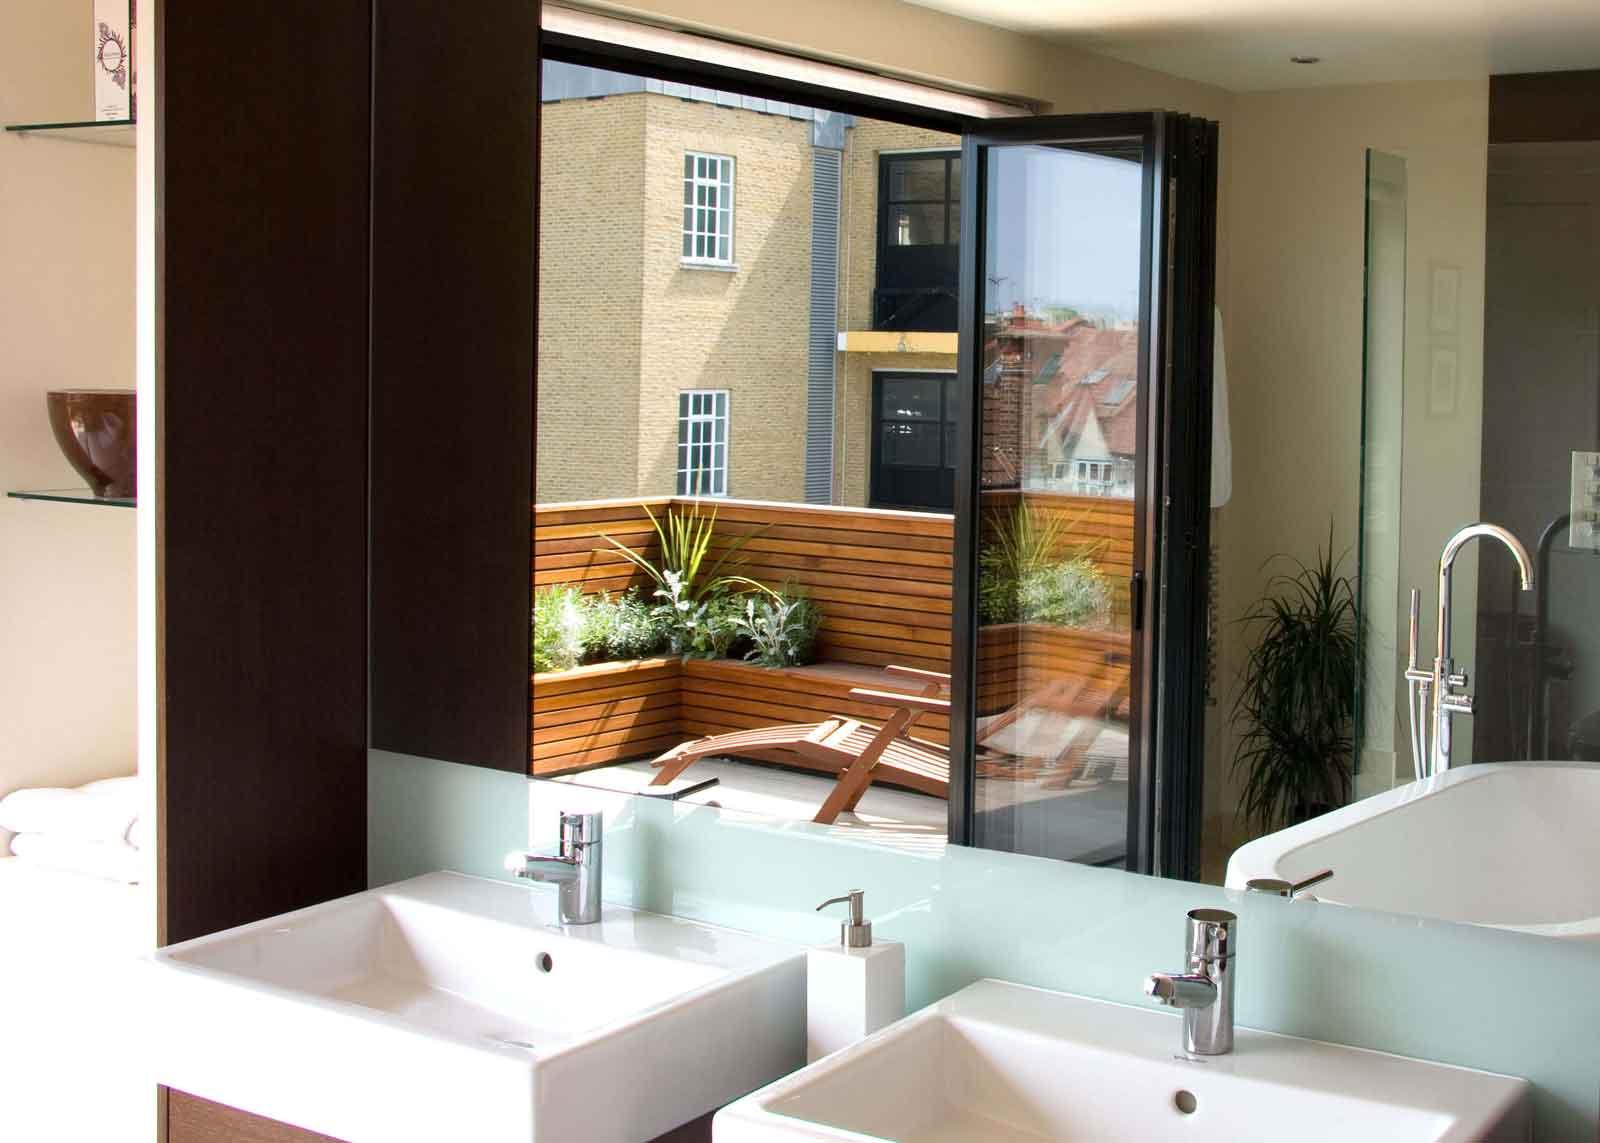 aluminium bi-fold doors cost southend-on-sea